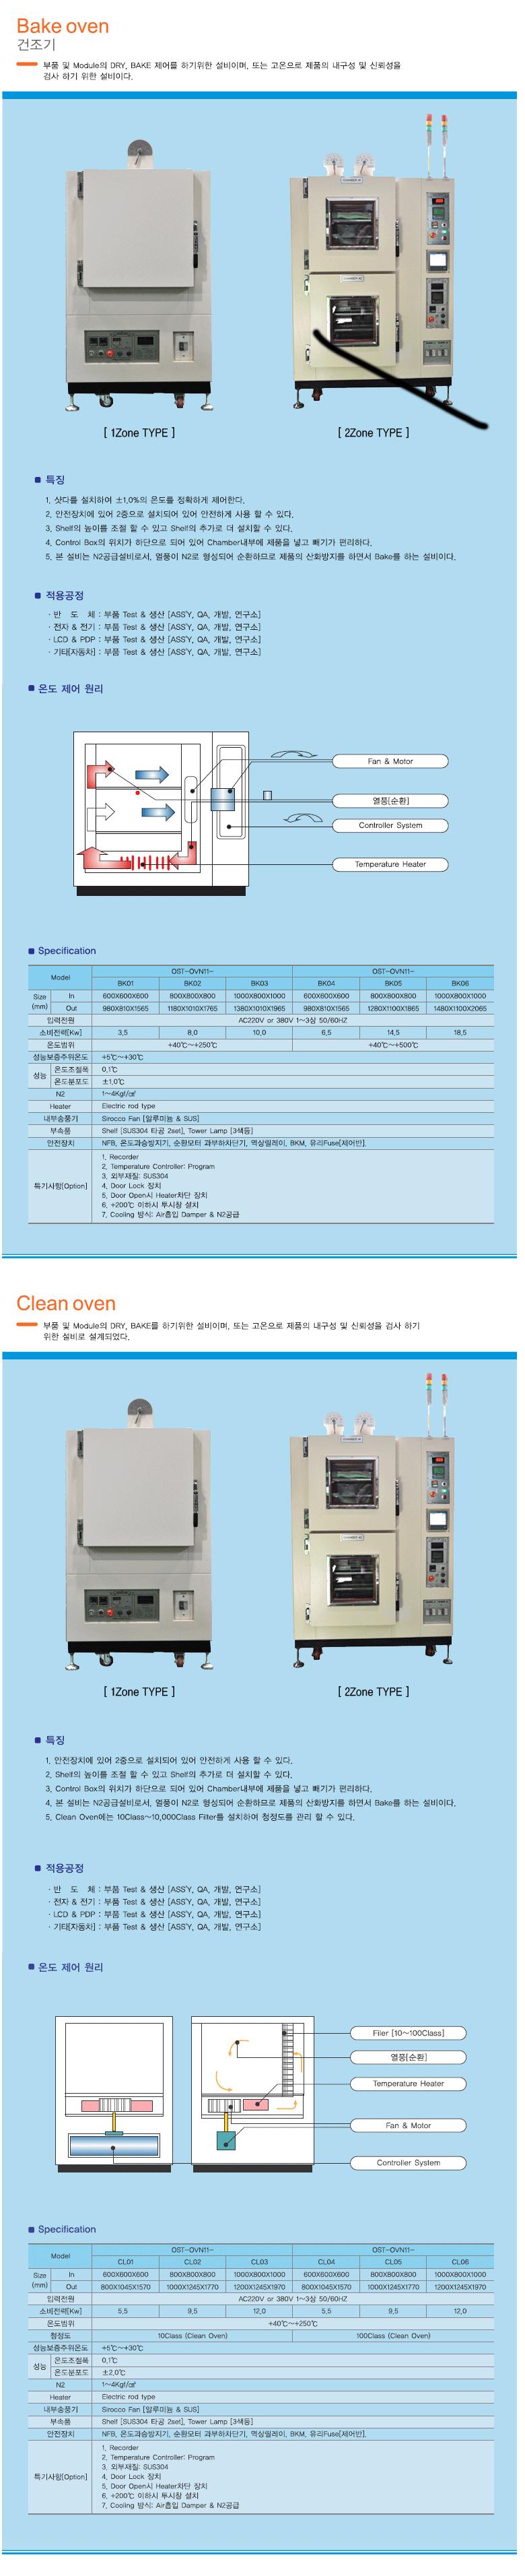 (주)오성에스티 Bake Oven / Clean Oven OST-OVN-CL/BK Series